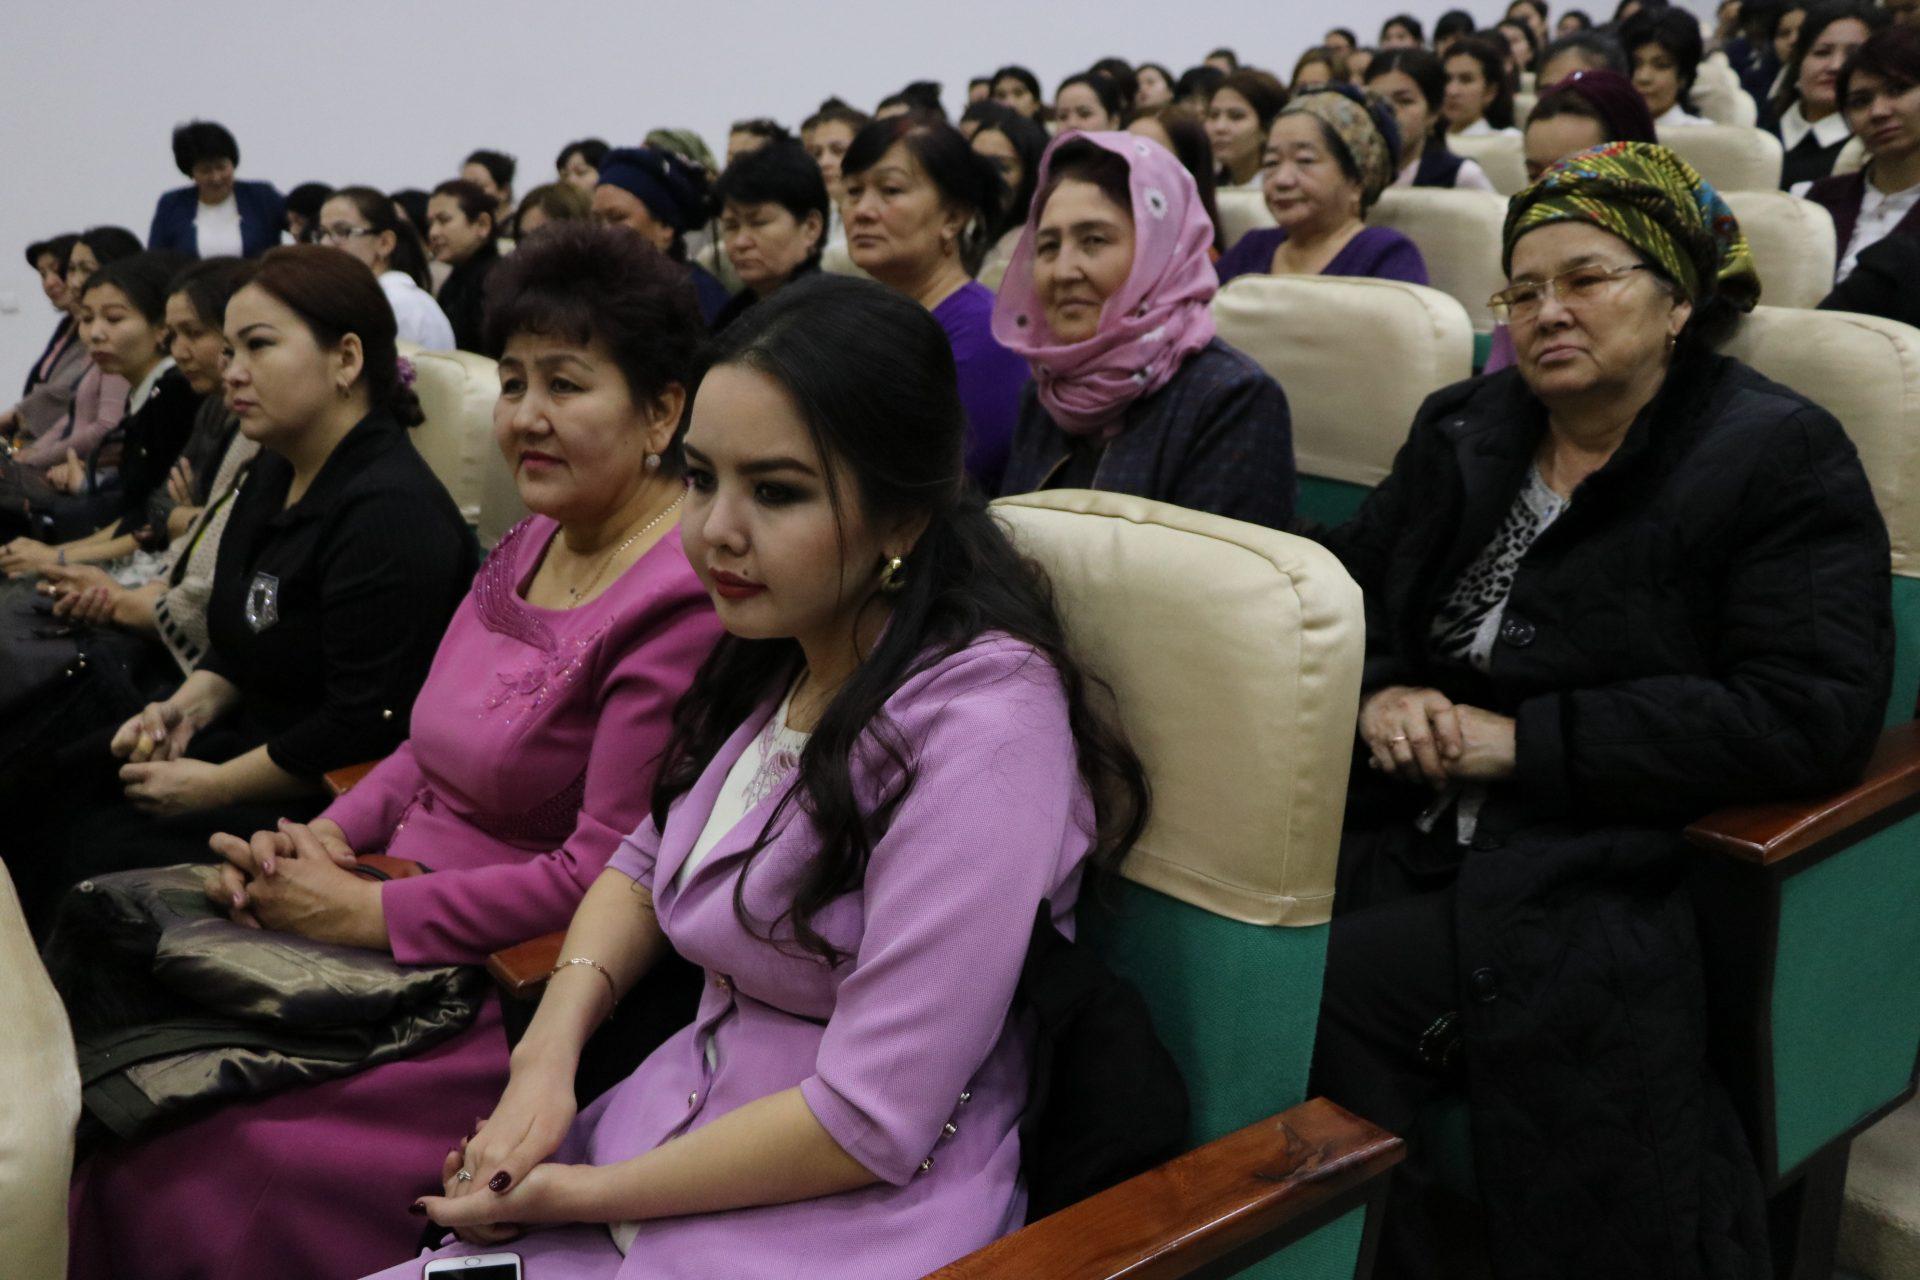 4-марта во дворце культуры состоялось  праздничное мероприятие посвященное празднику 8 марта.